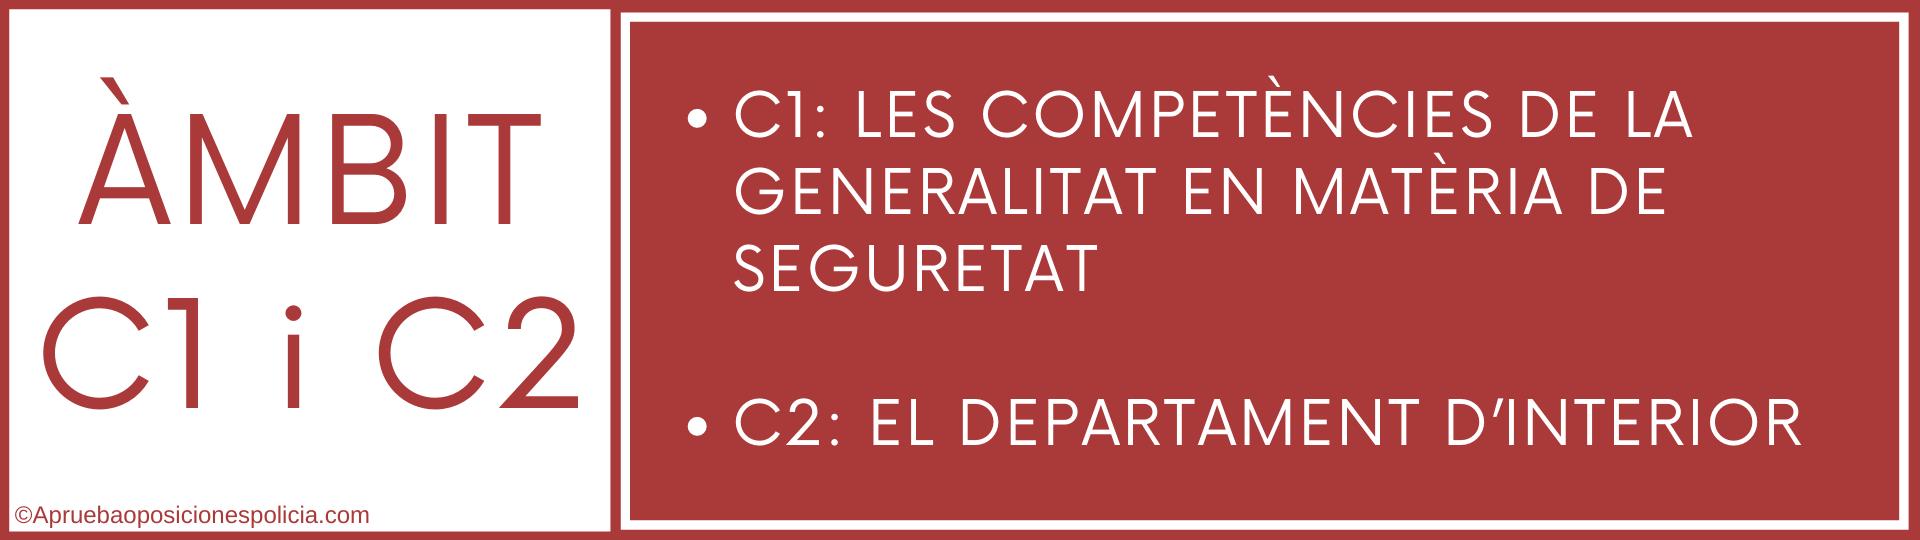 tema c1 Mossos competencies generalitat en seguretat tema C2 Mossos Departament interior